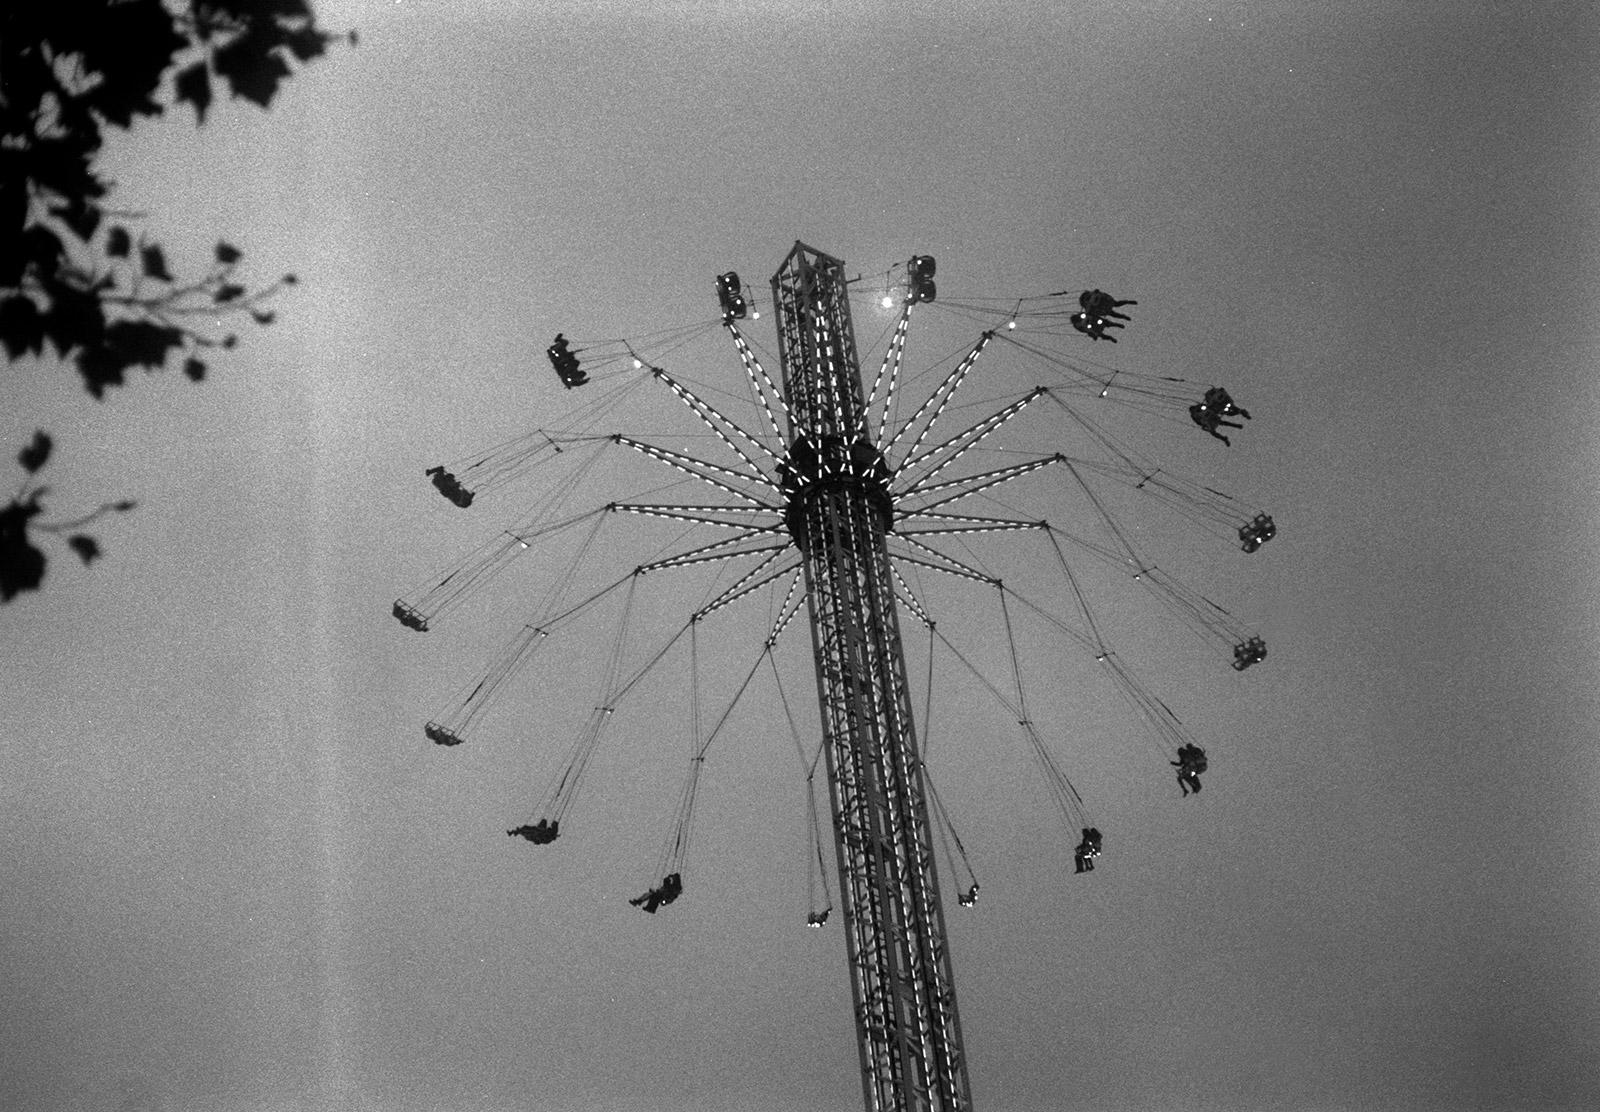 Tall fairground ride